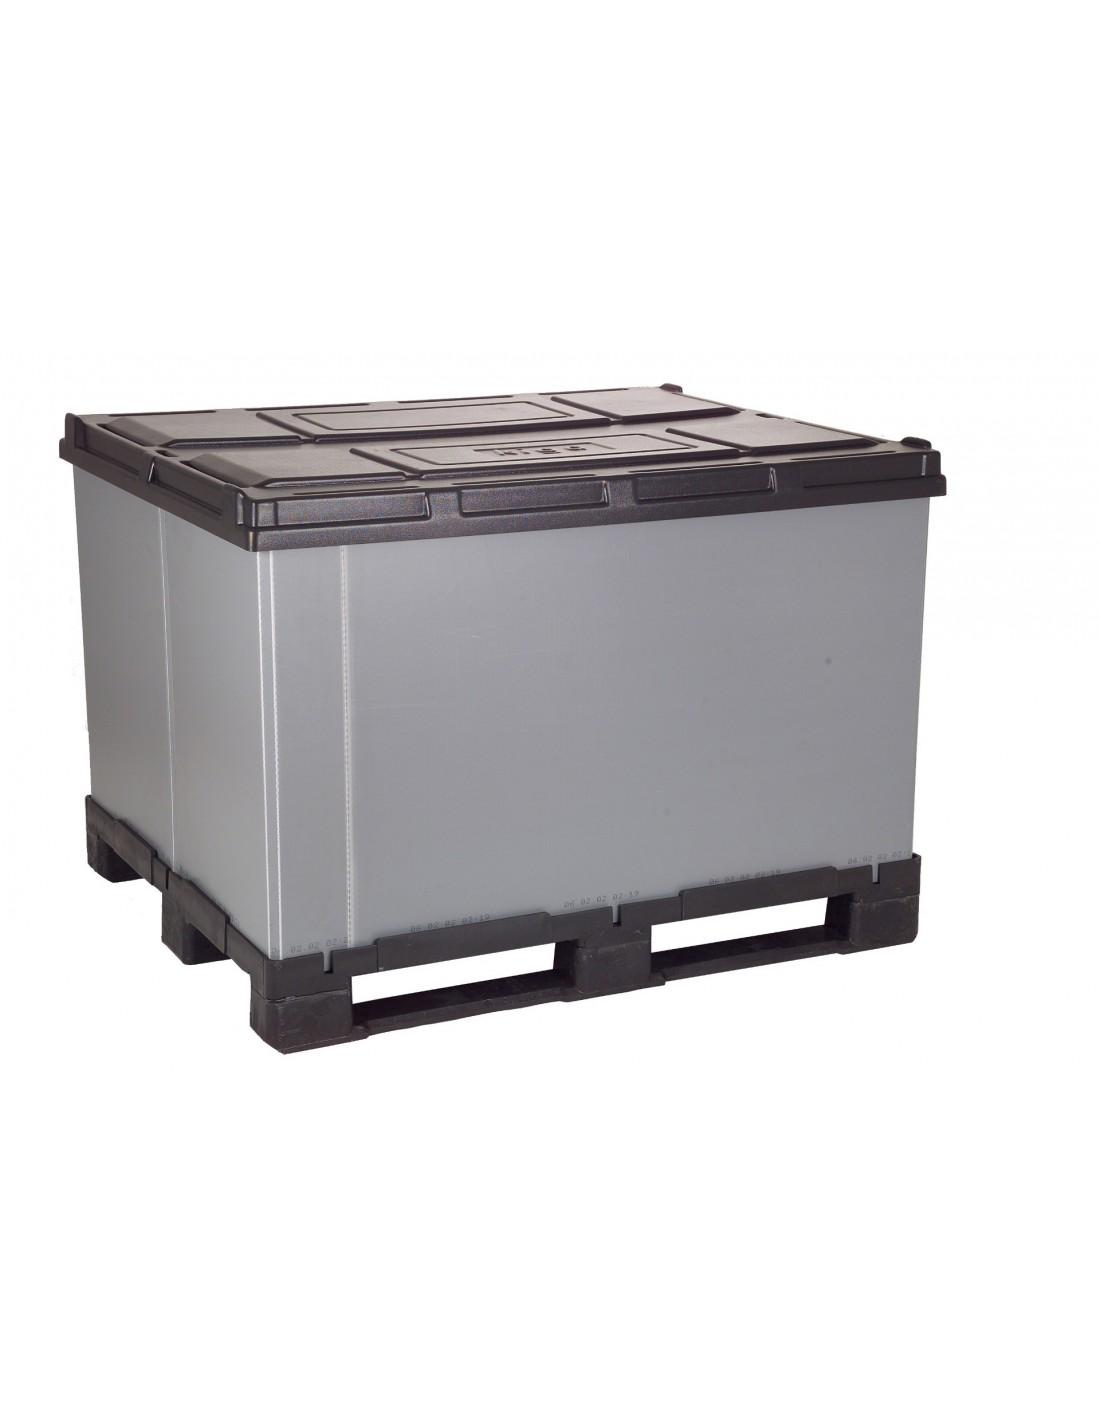 1000 x 1200 x 1100 mm Faltbox mit 3 Kufen